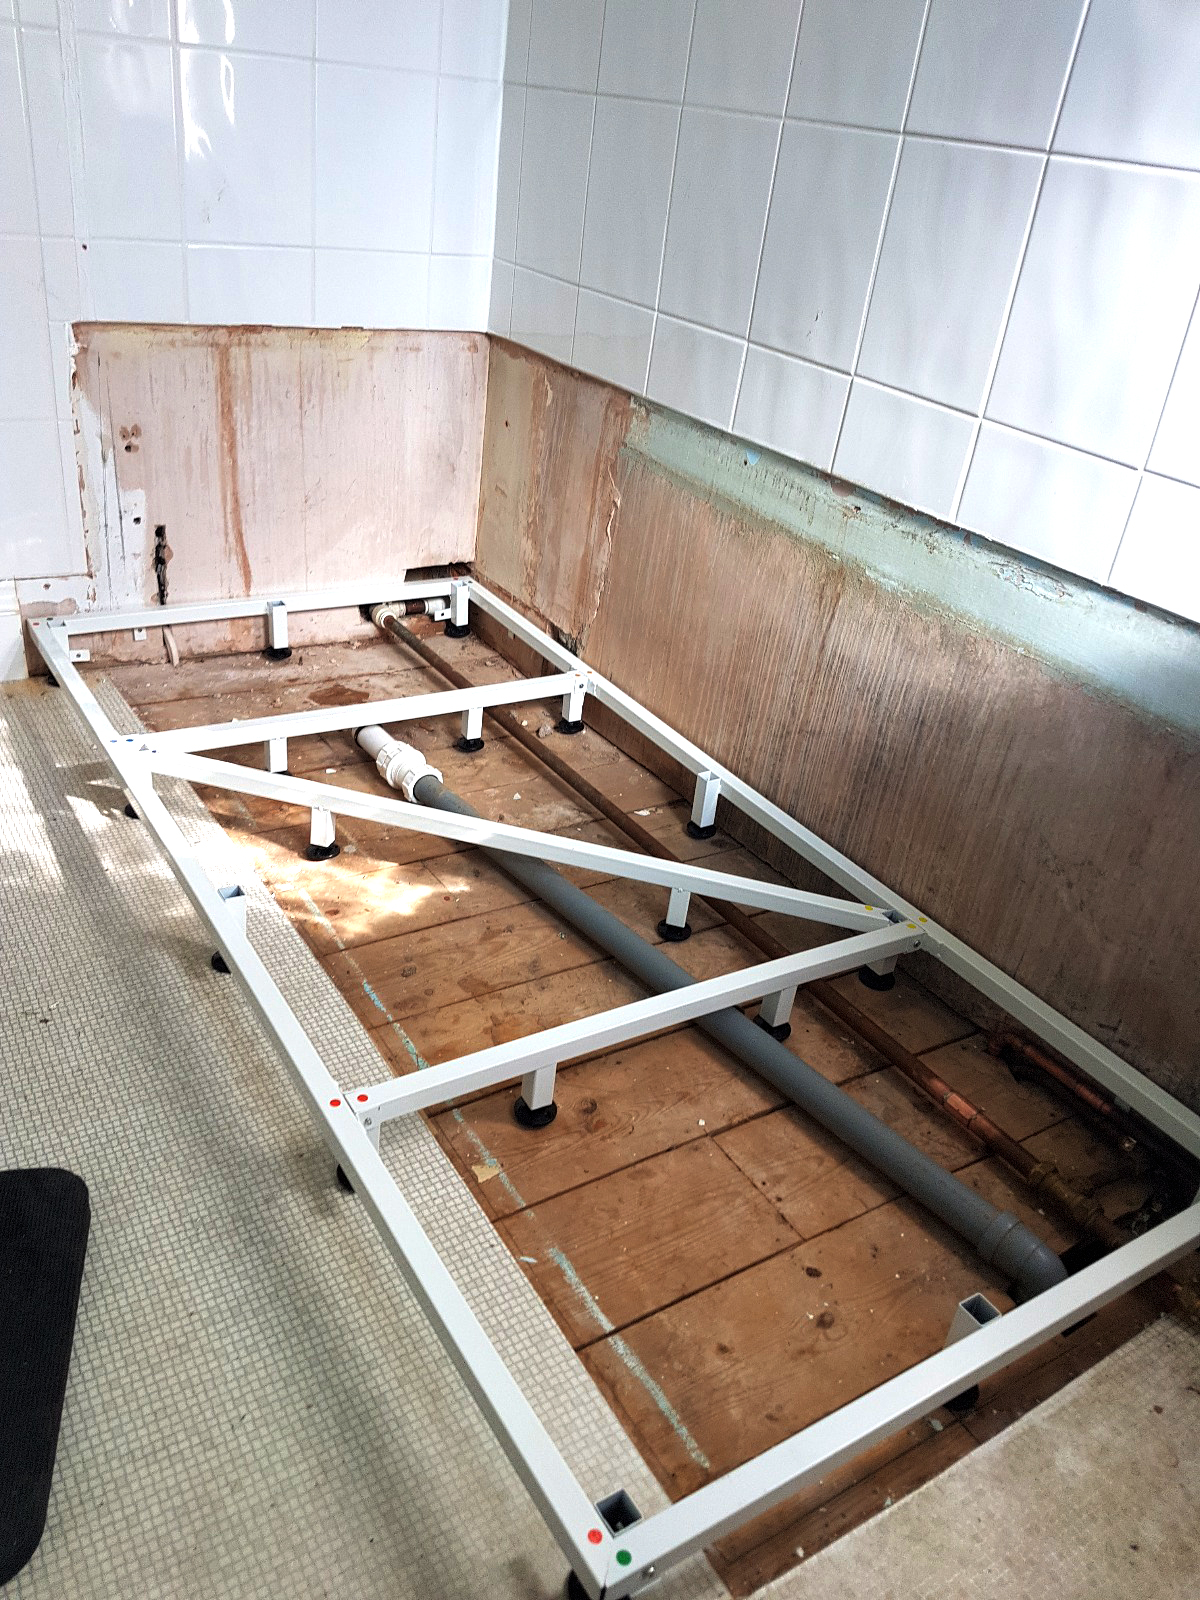 ls plumbing new shower frame